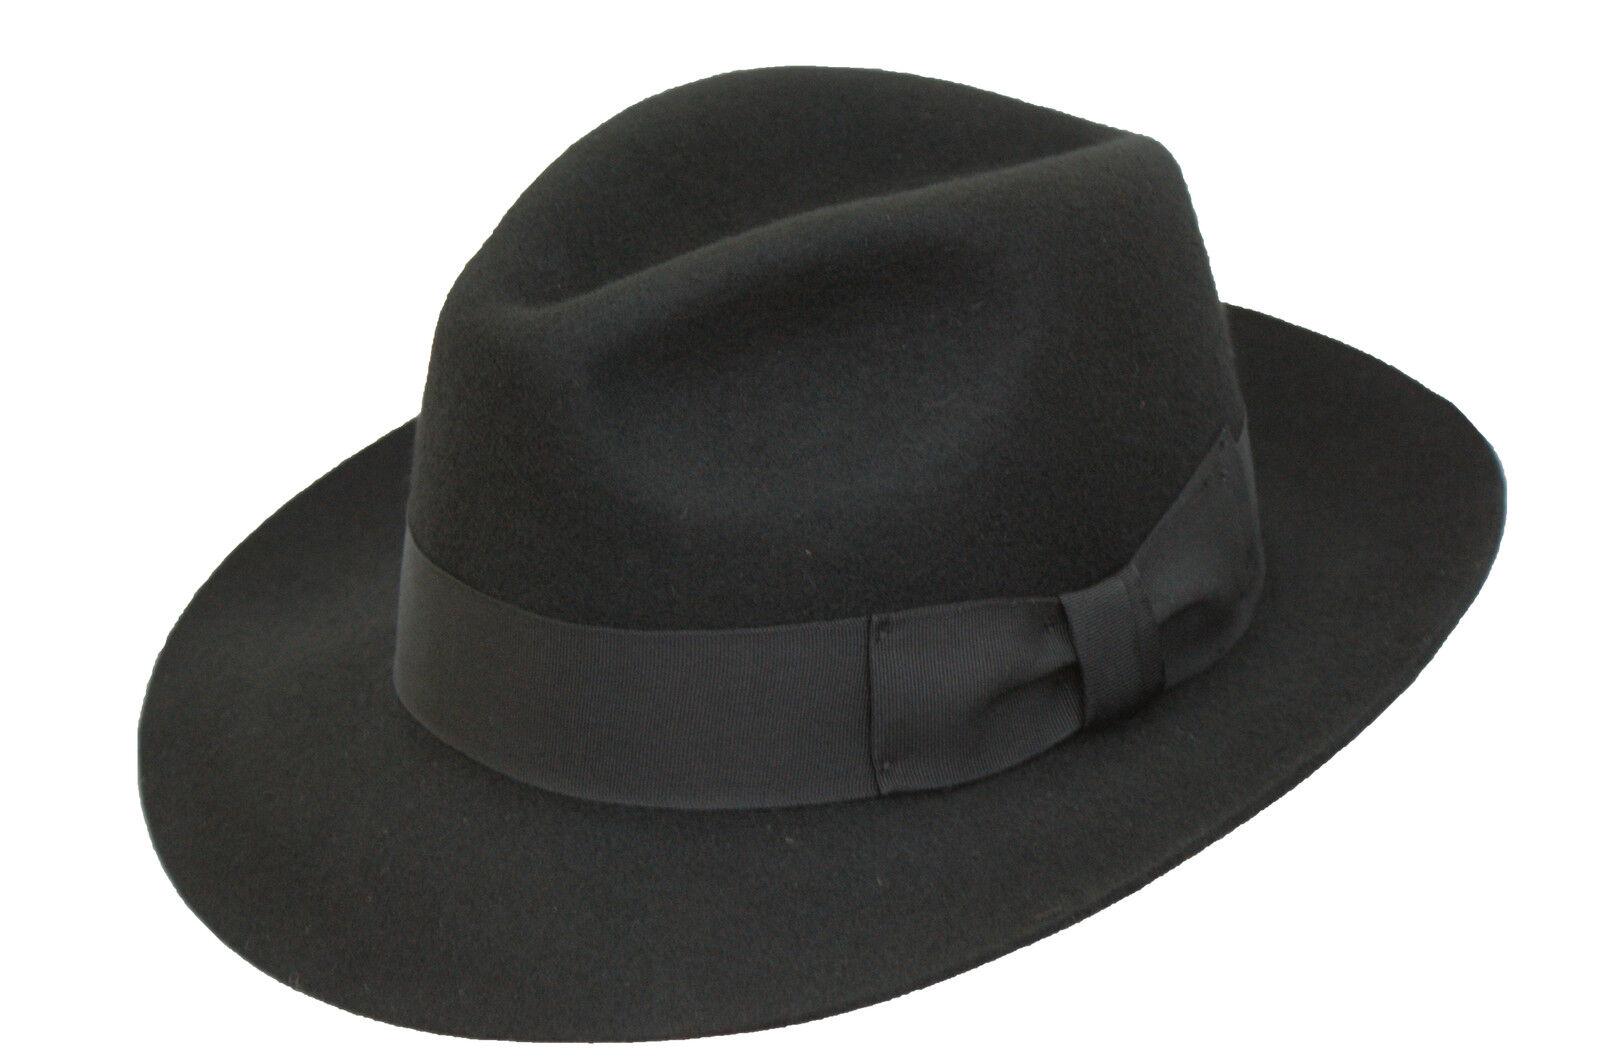 negro hombre 100% Lana Hand Made Ancho Borde Fieltro Sombrero Fedora Trilby 4ce740b8b29